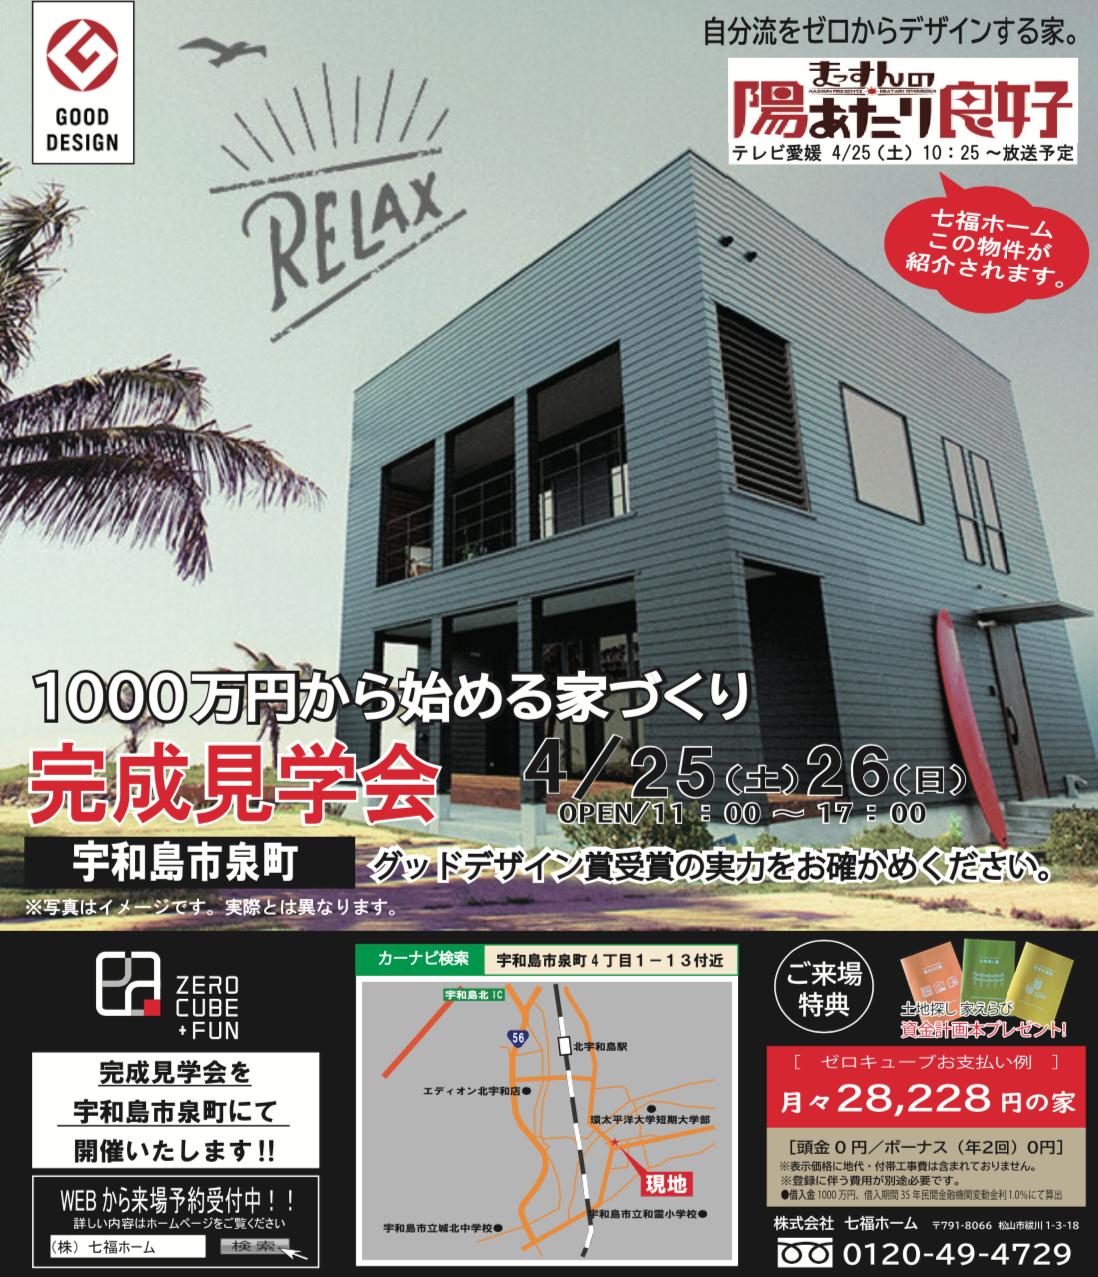 4/25(土)26(日)は宇和島でオープンハウス見学会